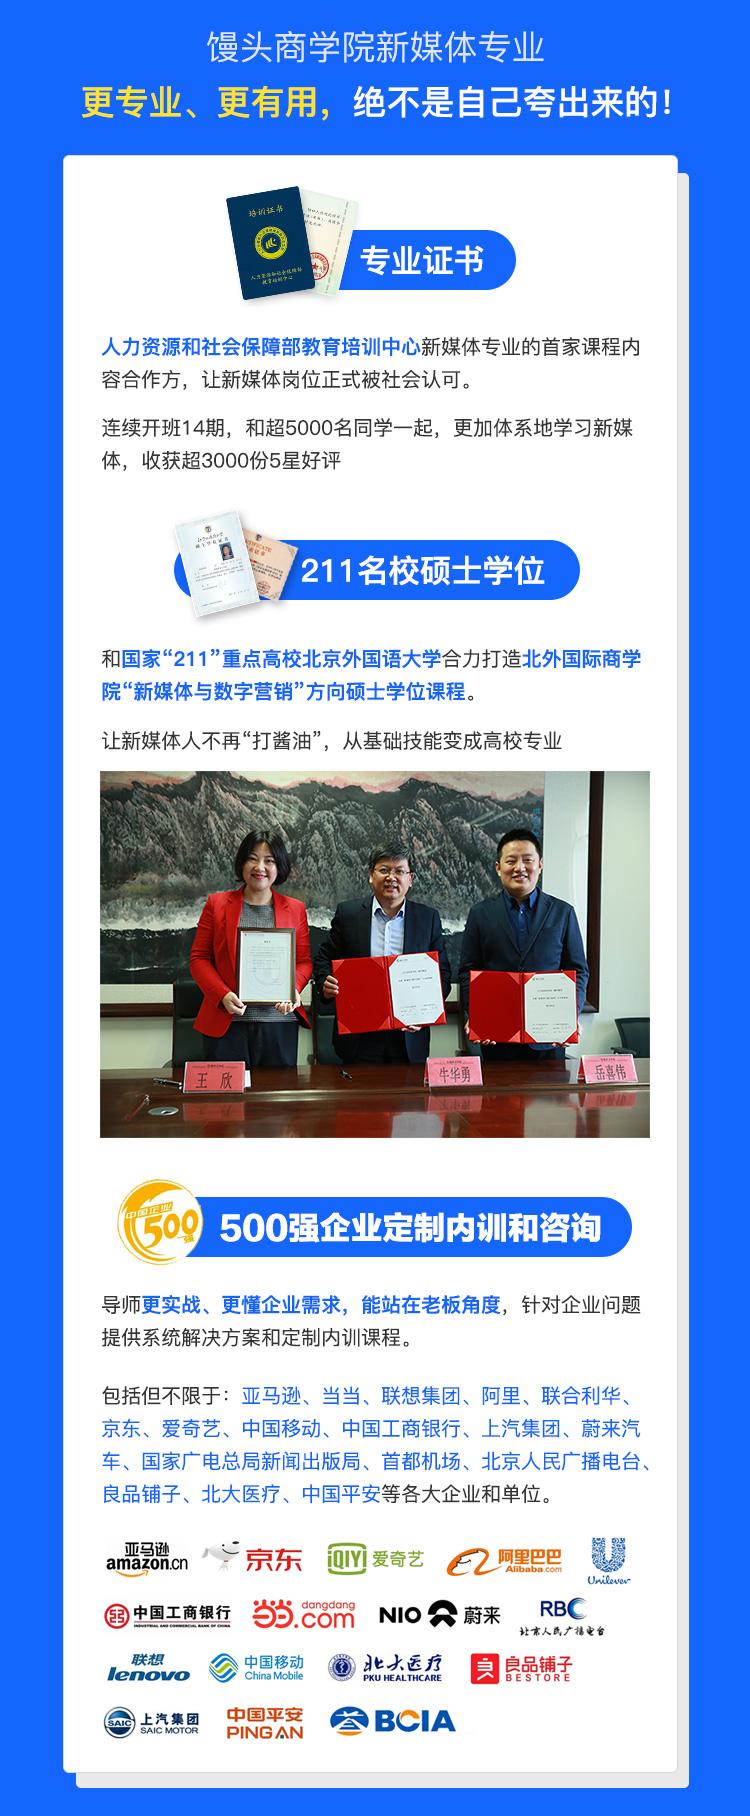 http://mtedu-img.oss-cn-beijing-internal.aliyuncs.com/ueditor/20190910115202_550470.jpg